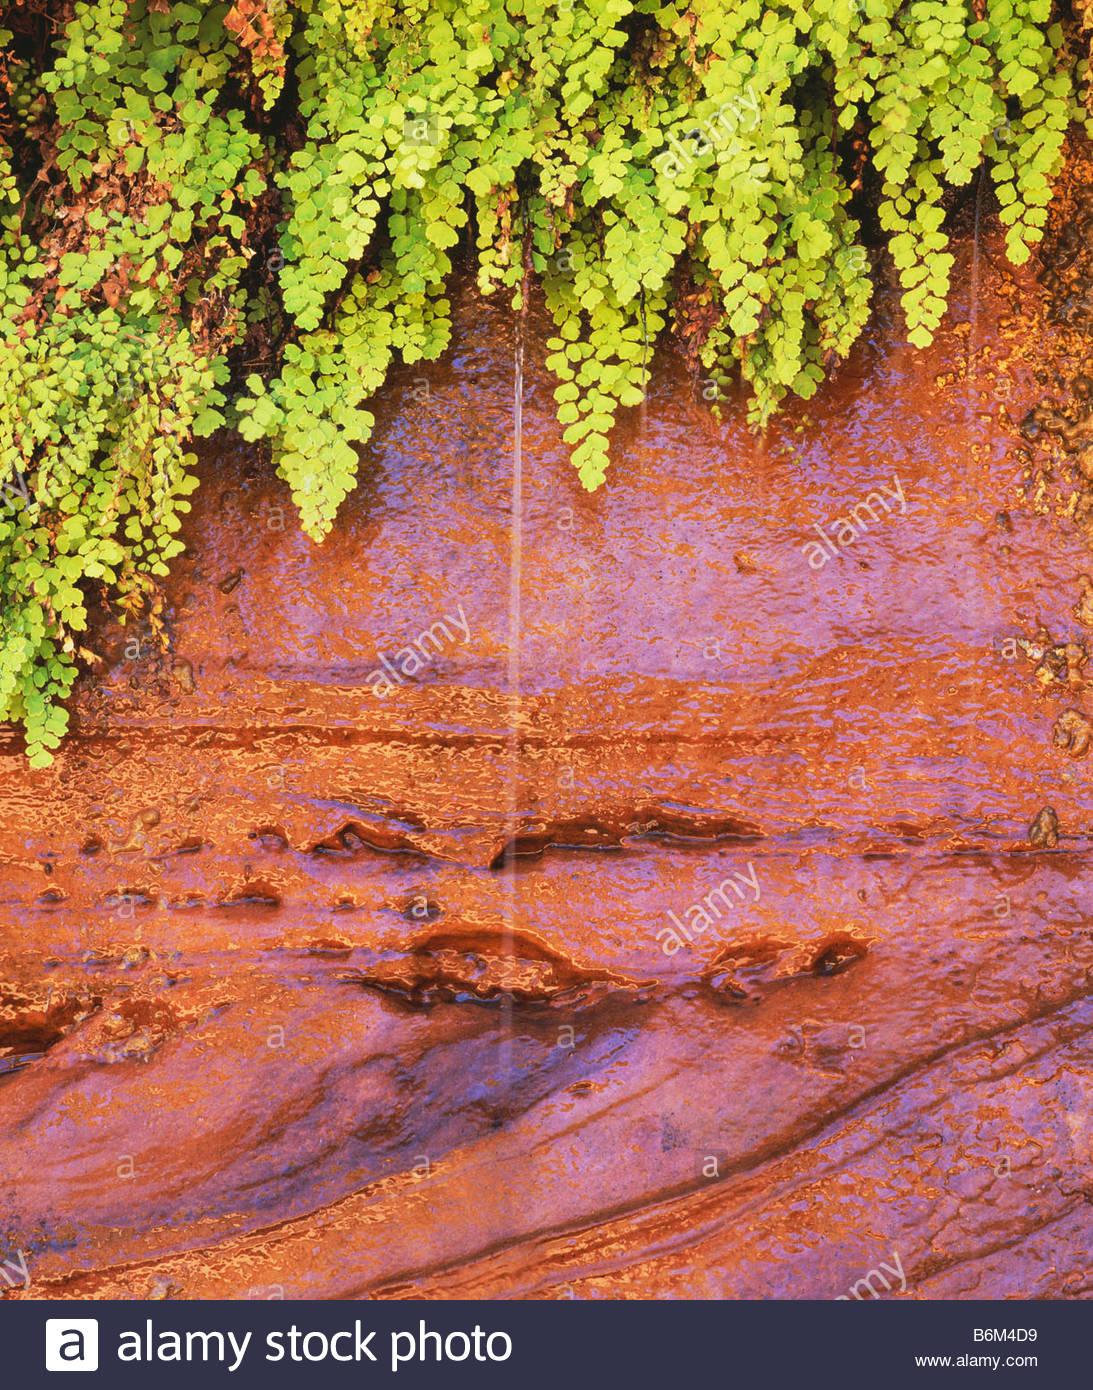 Detail der tausend Farn wächst aus einer hängenden Garten in Kane Frühling Canyon in der Nähe Stockbild